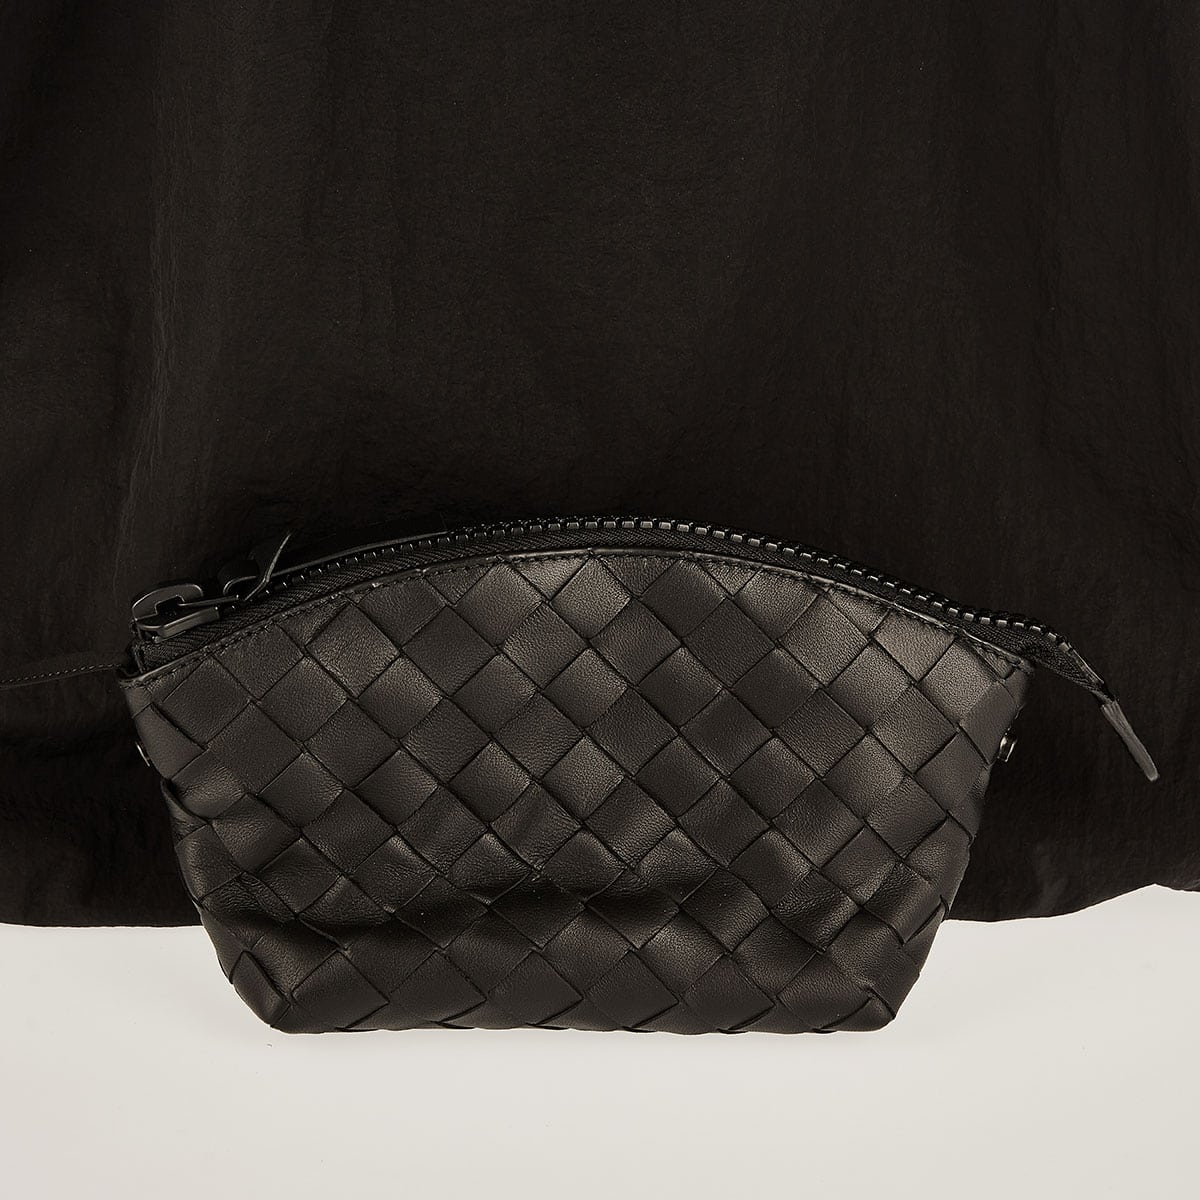 Foldable nylon tote